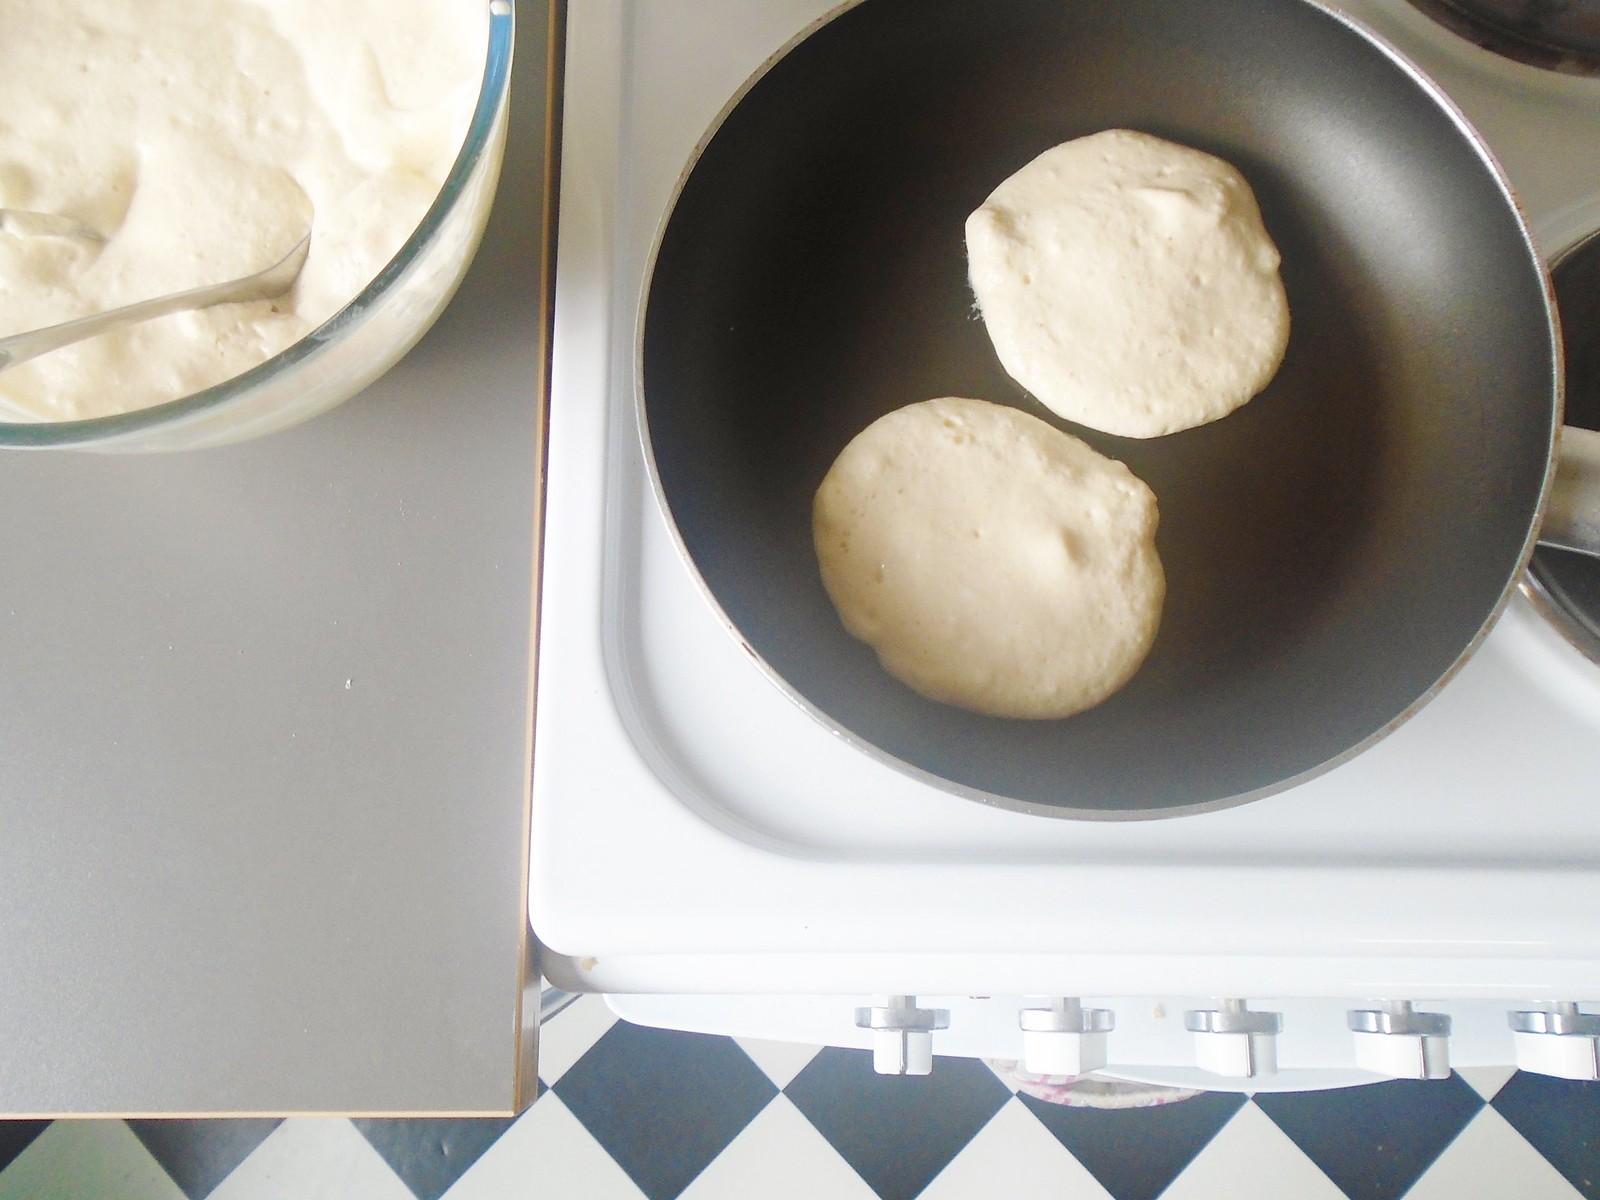 woolapple cooking pancakes